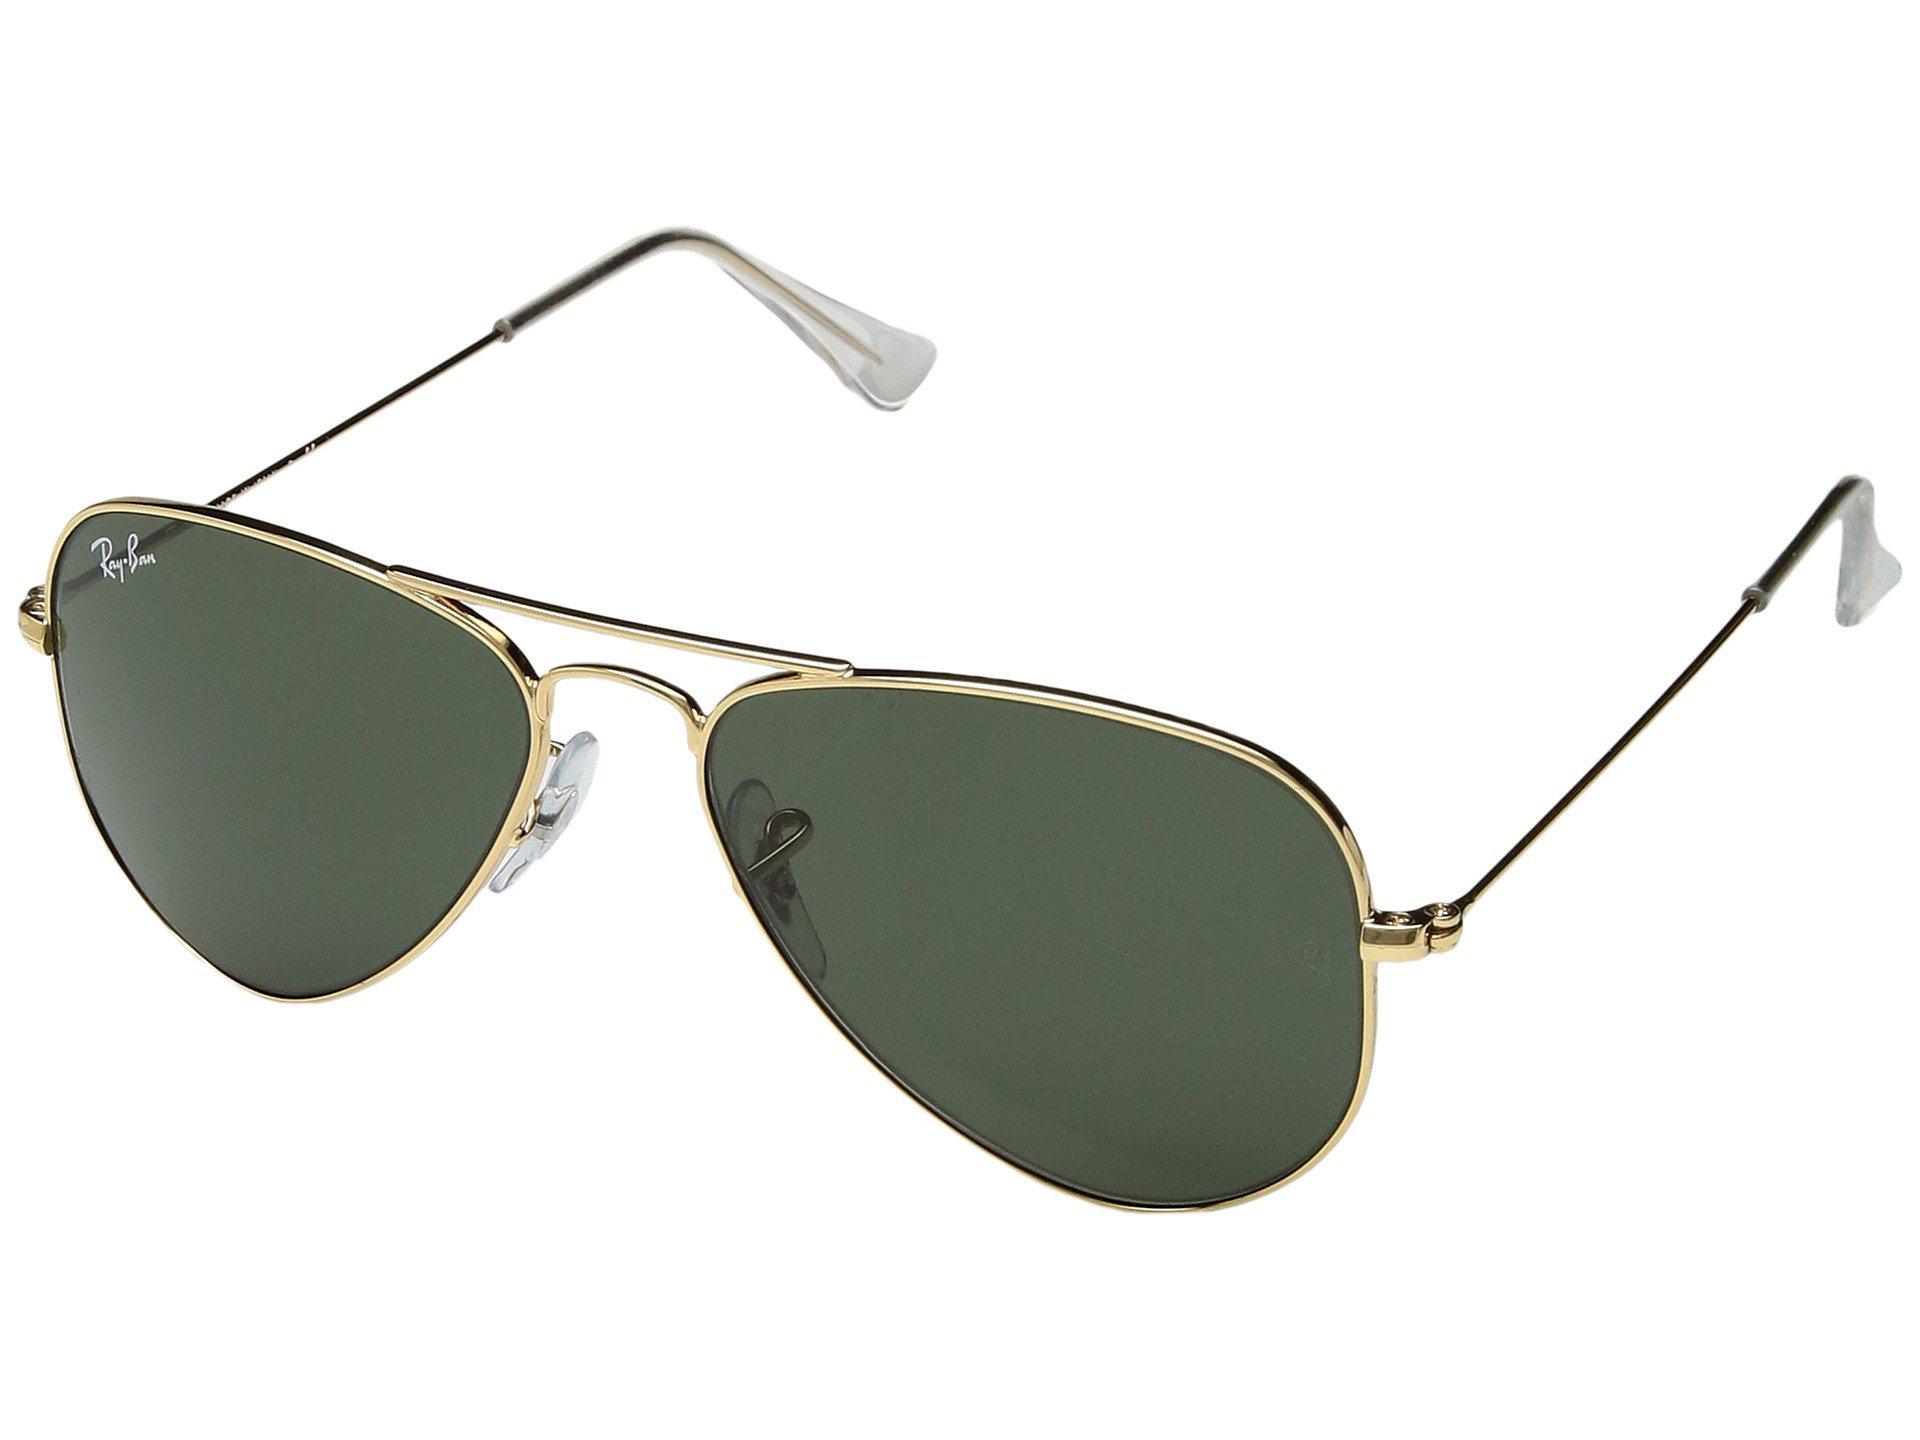 e0e6d59ba40 Ray-Ban. Women s Metallic Rb3044 Aviator Metal 52mm (arista g-15xlt Lens)  Sport Sunglasses